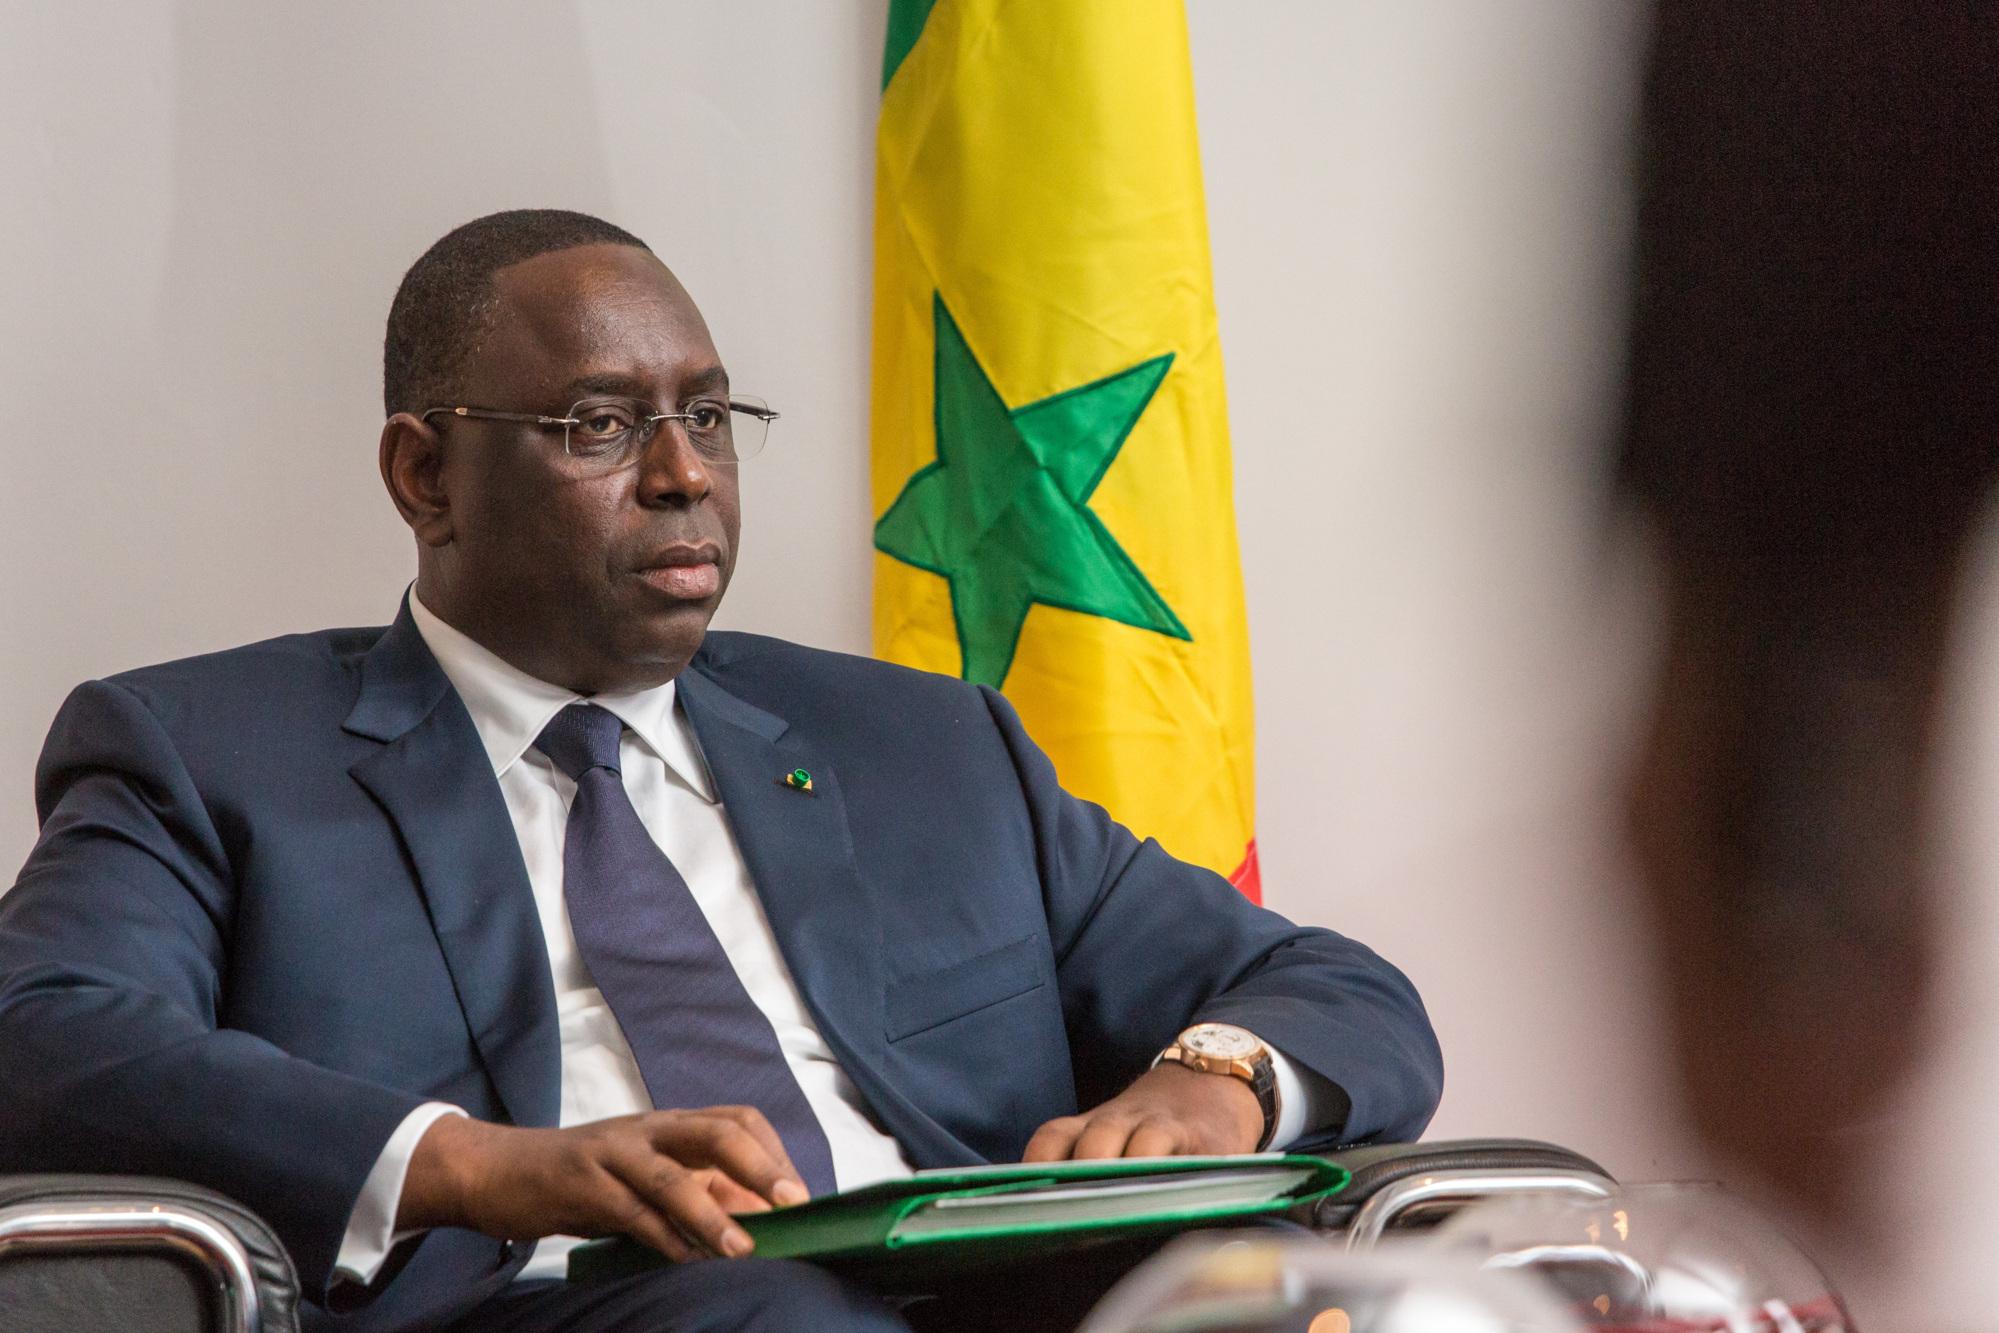 Réaction de Macky Sall sur le rapport de la CNRI : « Je prendrai dans son contenu ce que je jugerai bon »